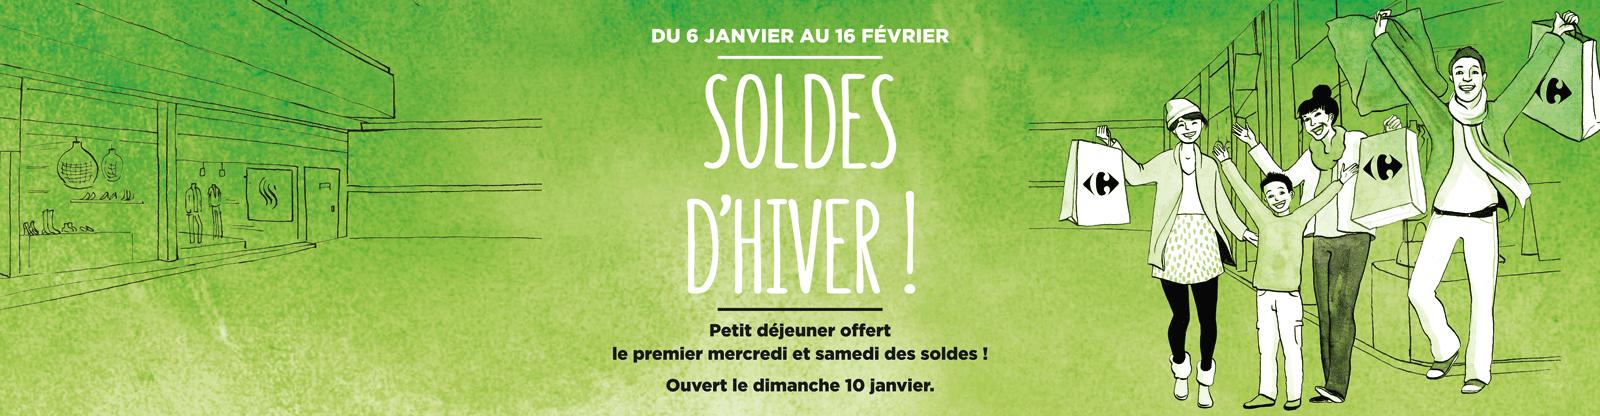 SLIDER-SITE-WEB_1600x416px_Rennes-Cesson